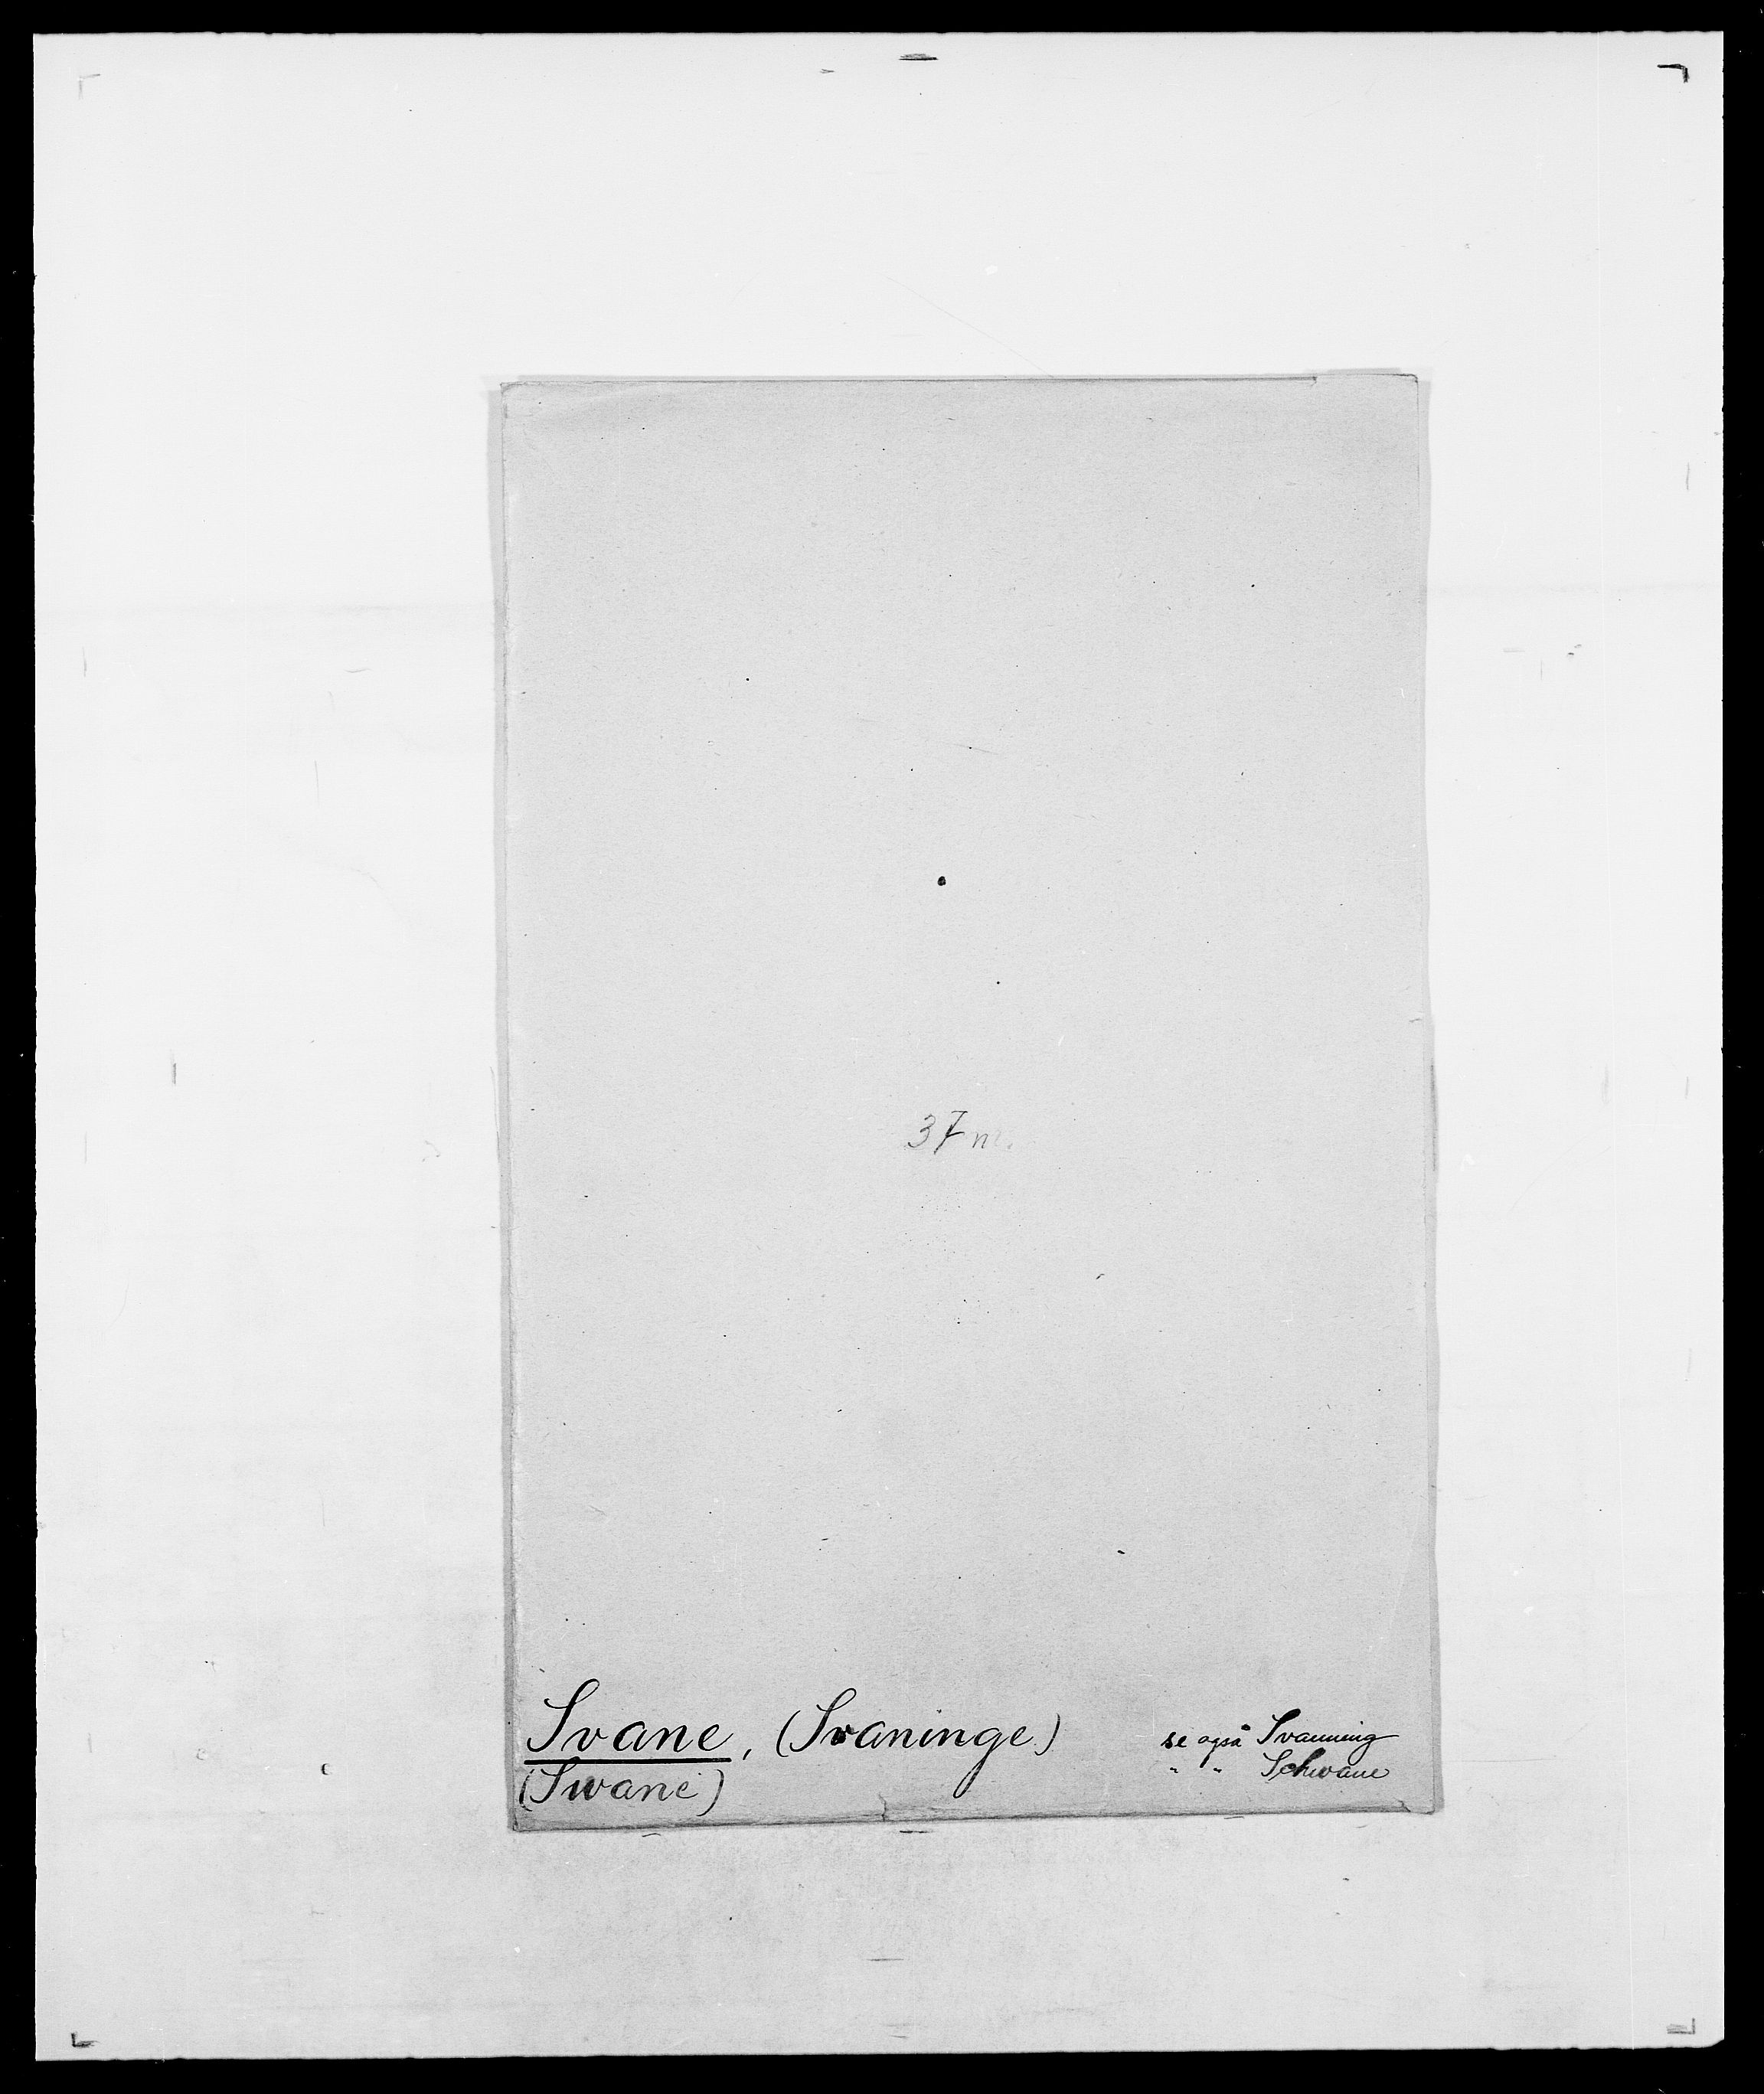 SAO, Delgobe, Charles Antoine - samling, D/Da/L0037: Steen, Sthen, Stein - Svare, Svanige, Svanne, se også Svanning og Schwane, s. 978